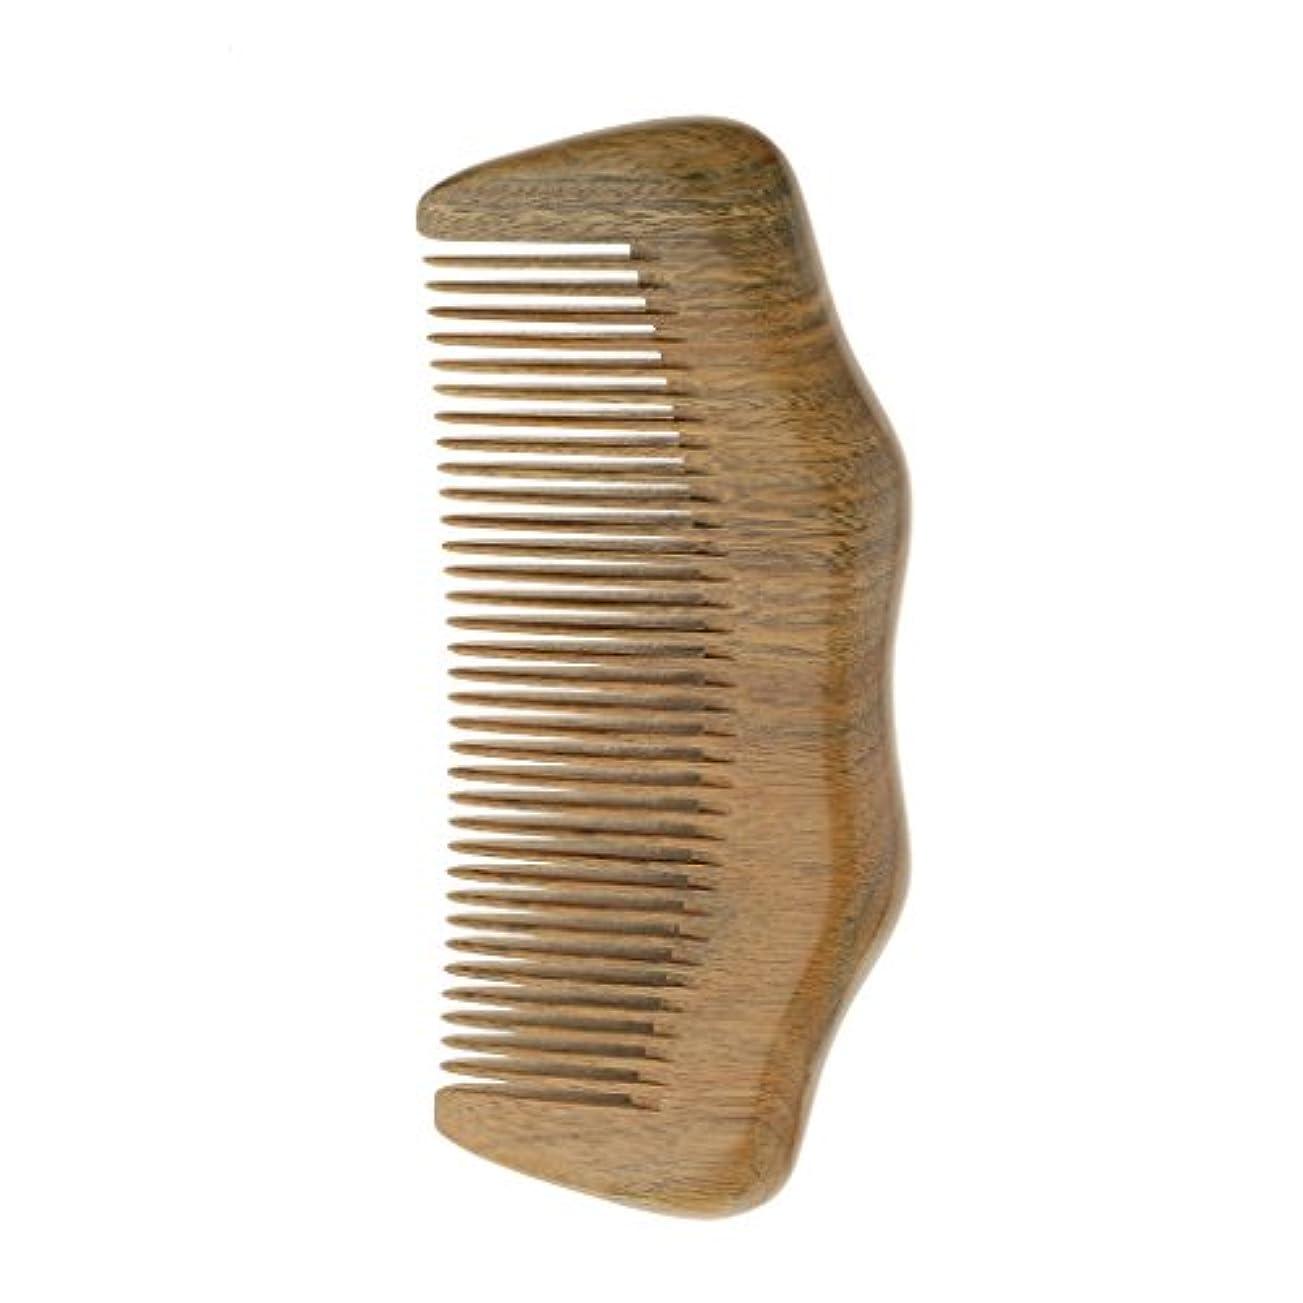 ビュッフェ未亡人支配するCUTICATE ナチュラル ビャクダンの櫛 広い歯の帯電防止 ヘッドマッサージ ヘアケアウッド